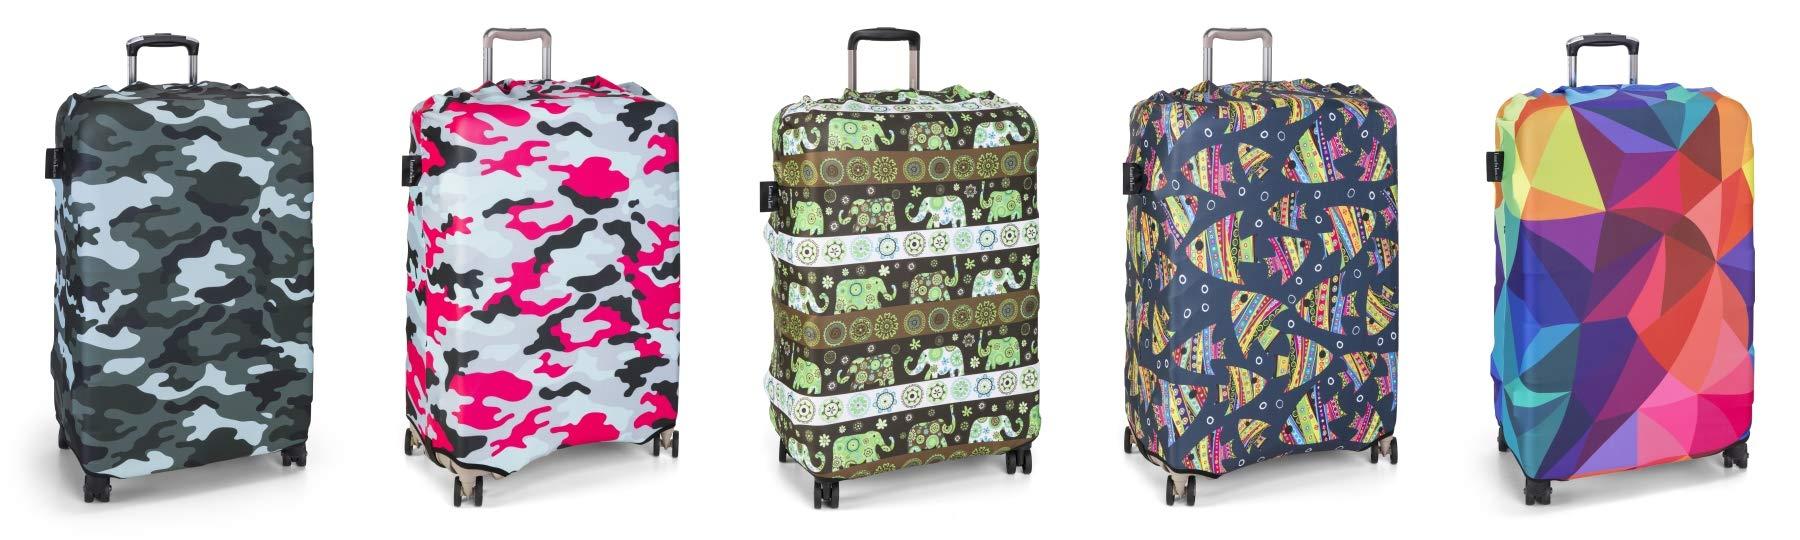 LuxuryforTravel-elastische-Kofferschutzhlle-Dicke-Kofferhlle-mit-Reiverschluss-Kofferberzug-Kofferschutz-Kofferbezug-Reisekofferabdeckung-Koffer-Cover-Schutz-auffallend-Gre-S-M-L-XL